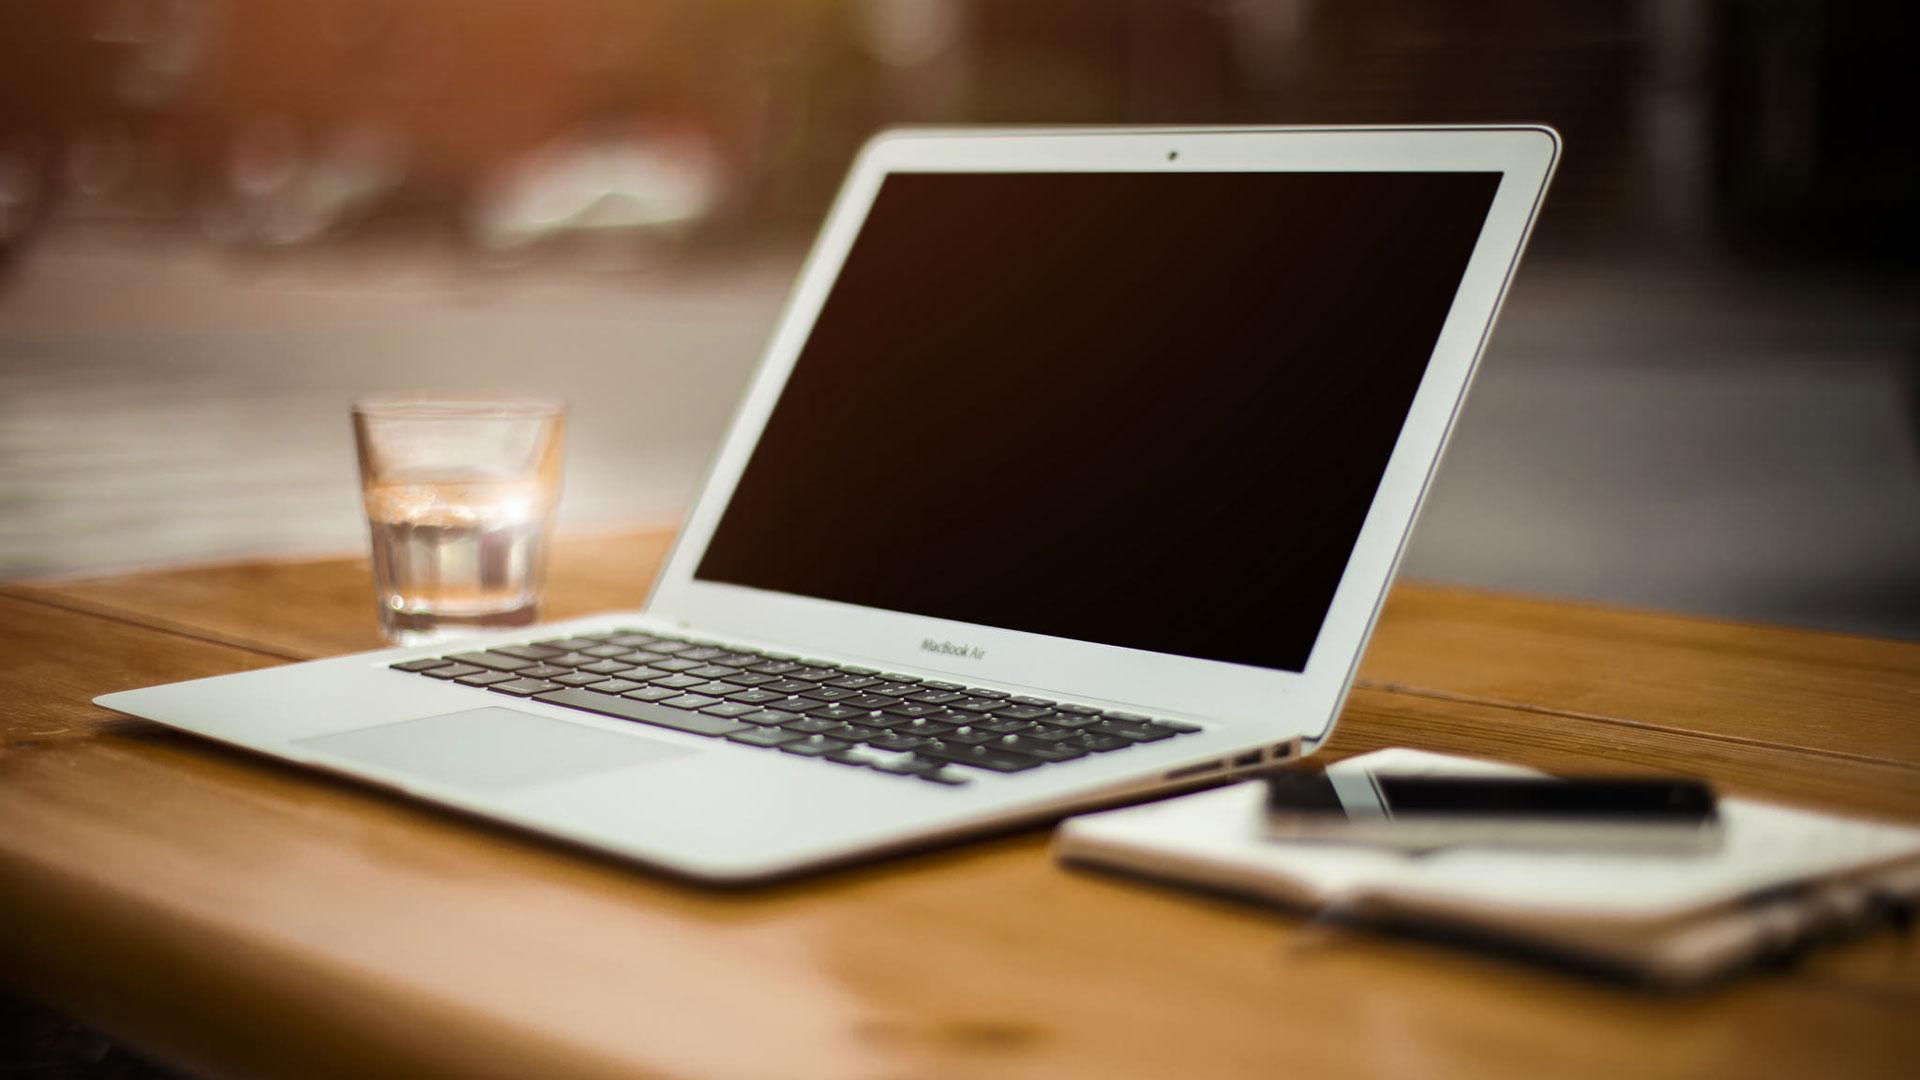 Comment prendre le contrôle dun mac à distance sans logiciel tiers